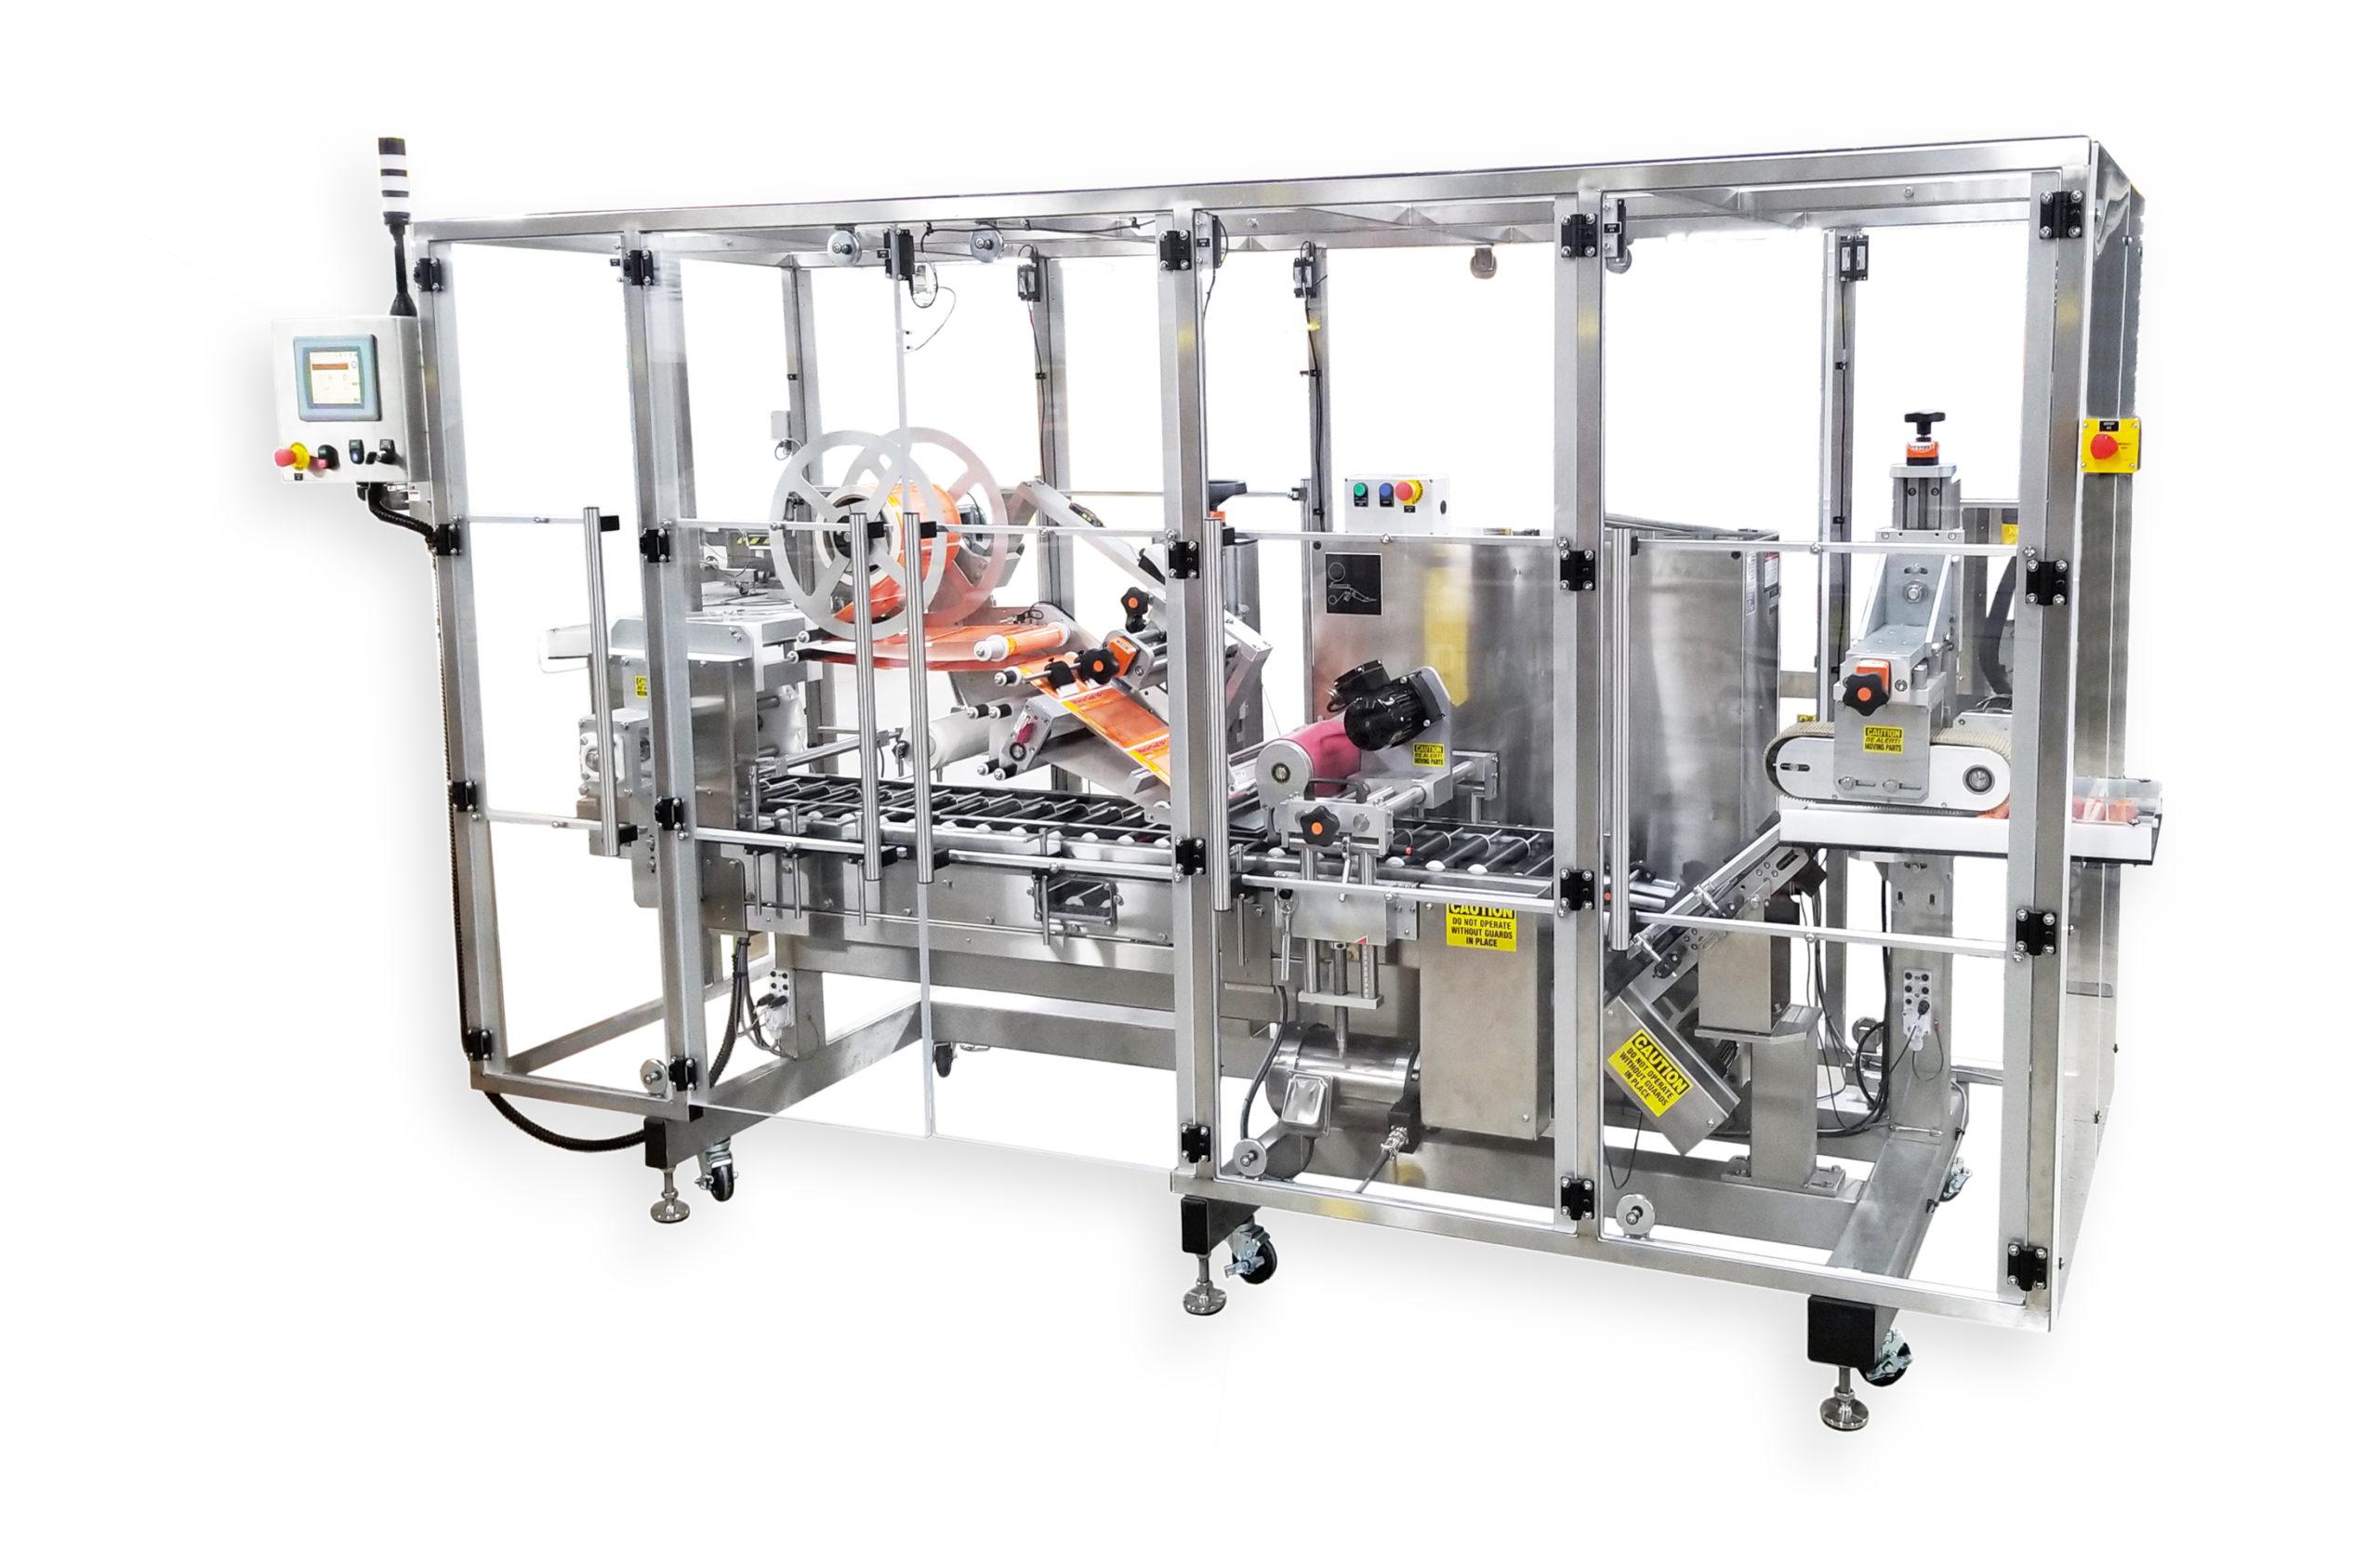 BASF 7-22 Labeler